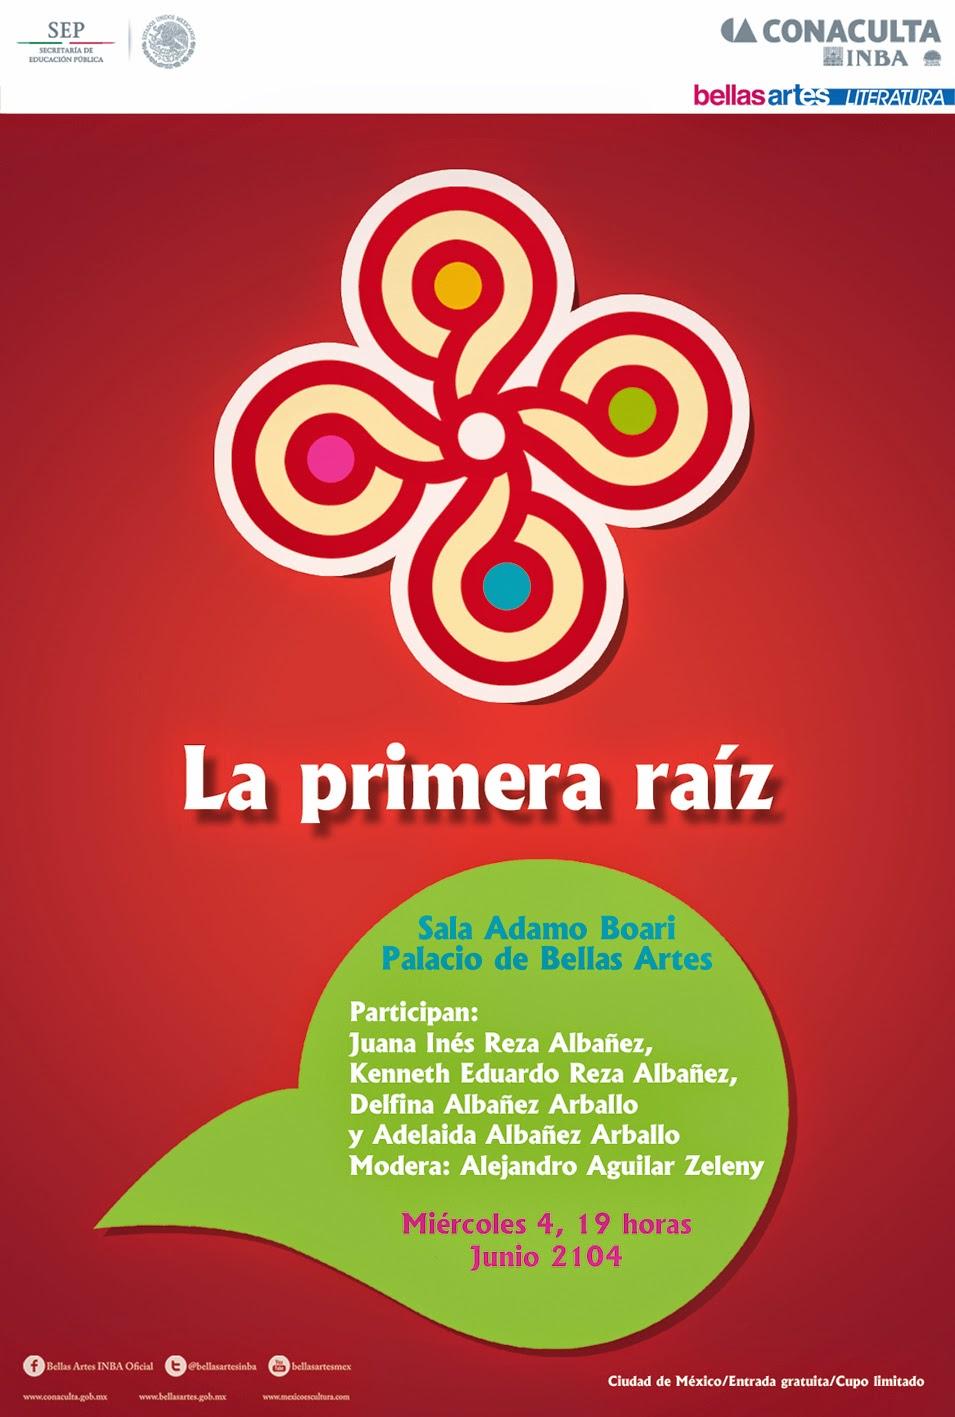 """El ciclo """"La primera raíz"""" presenta al grupo Xumsrill xasrhill en Bellas Artes"""